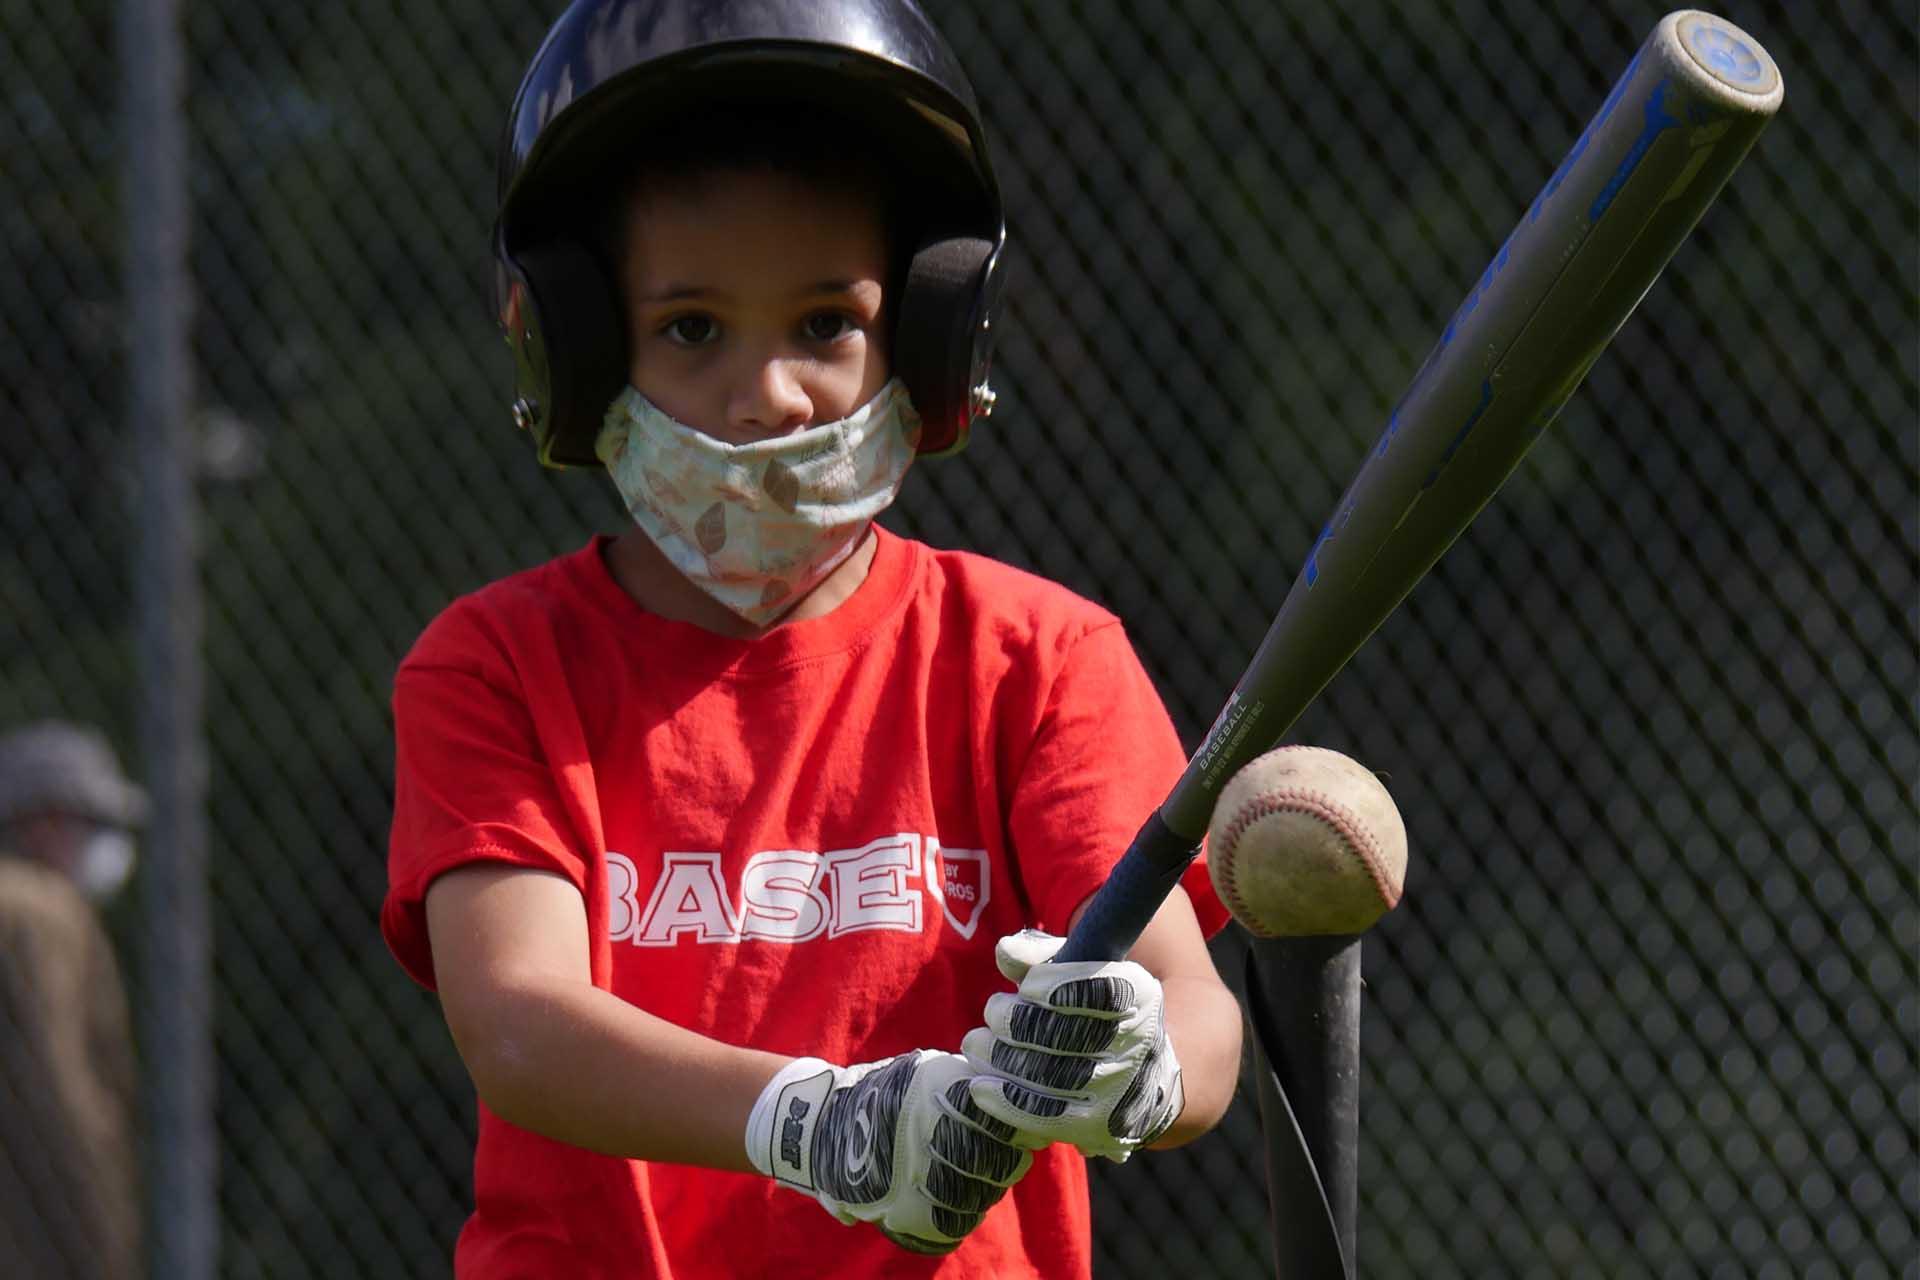 Boy Preparing to Hit at Batting Tee